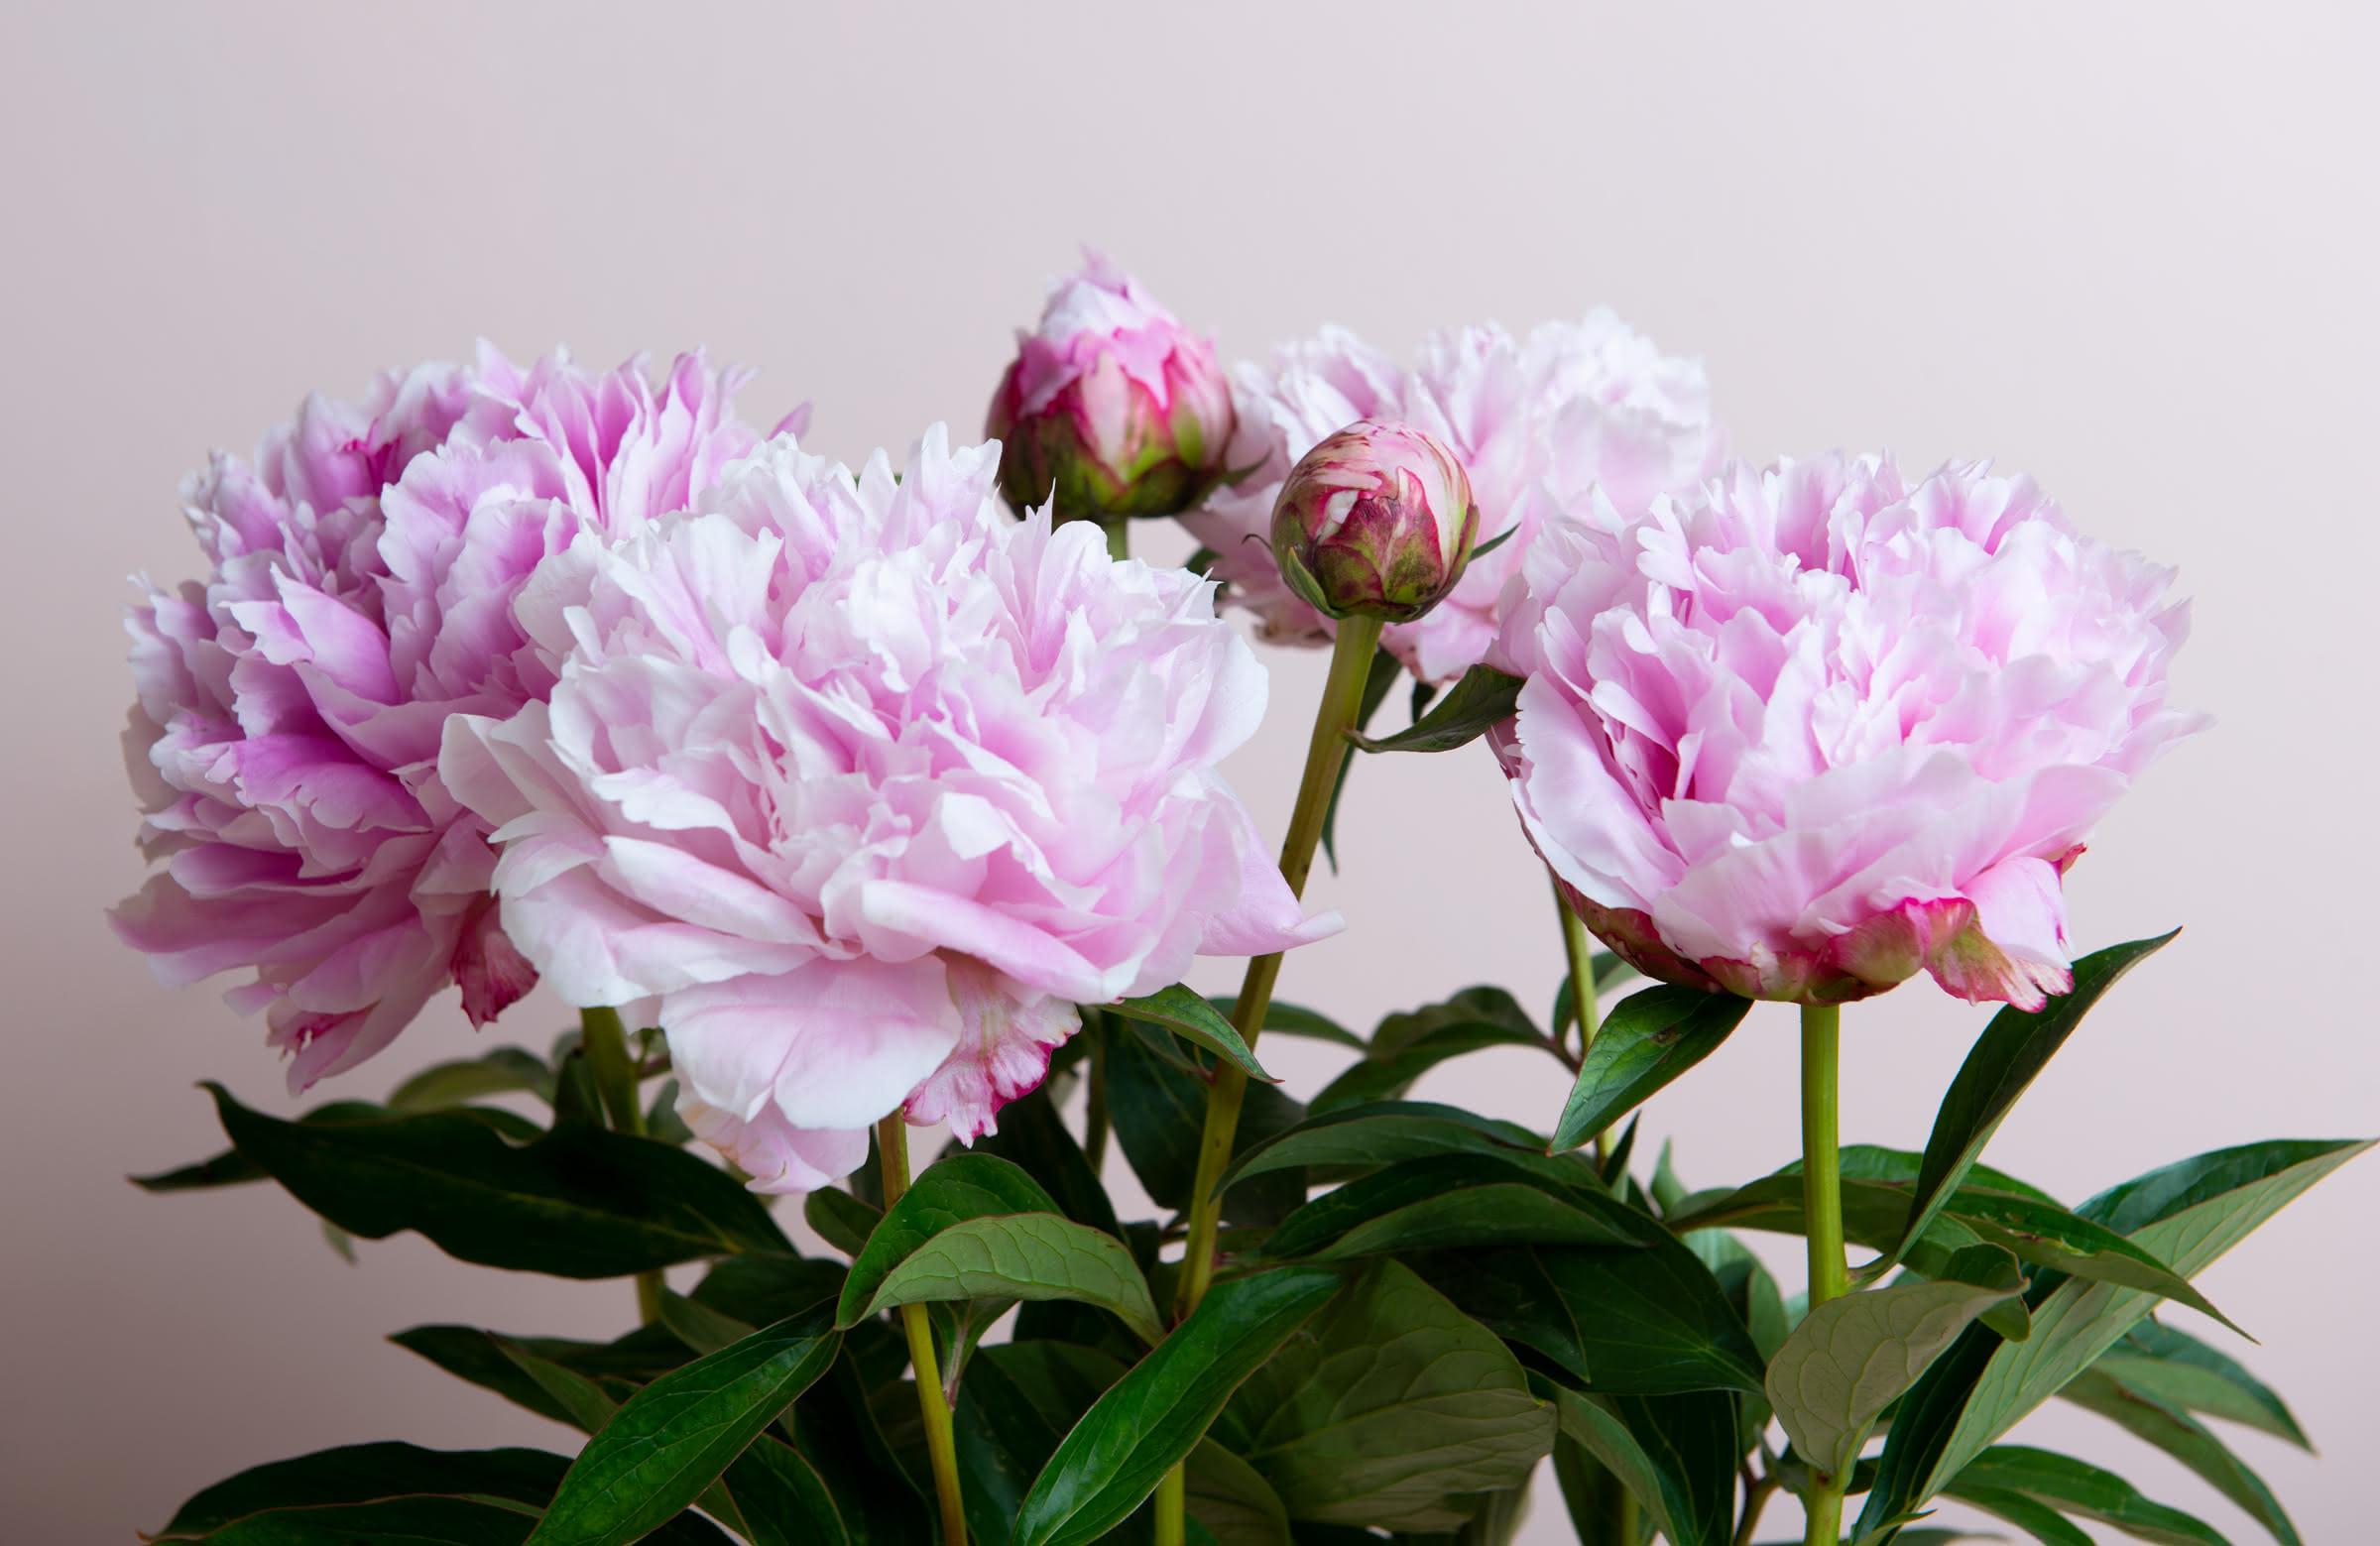 La peonía, una flor de amor, bodas y aniversarios